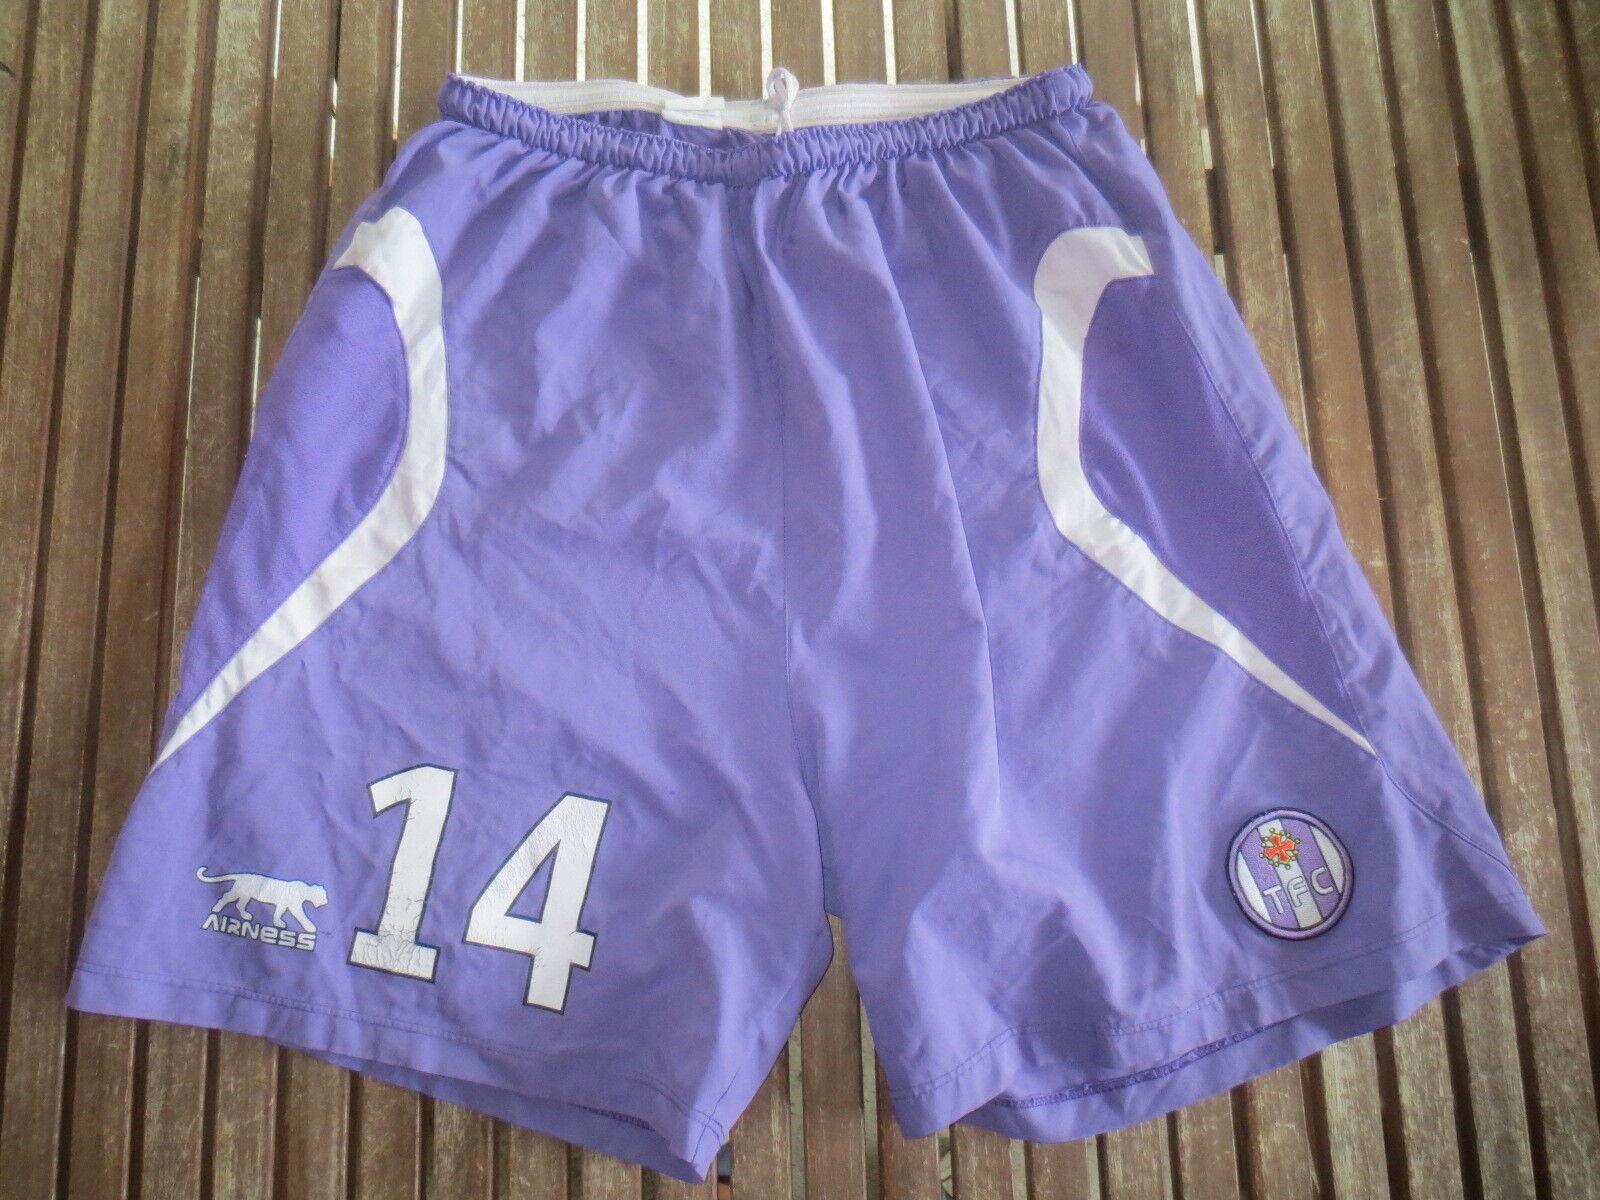 Short porté par PANTXI SIRIEX n°14 TOULOUSE TFC Airness purple worn XL